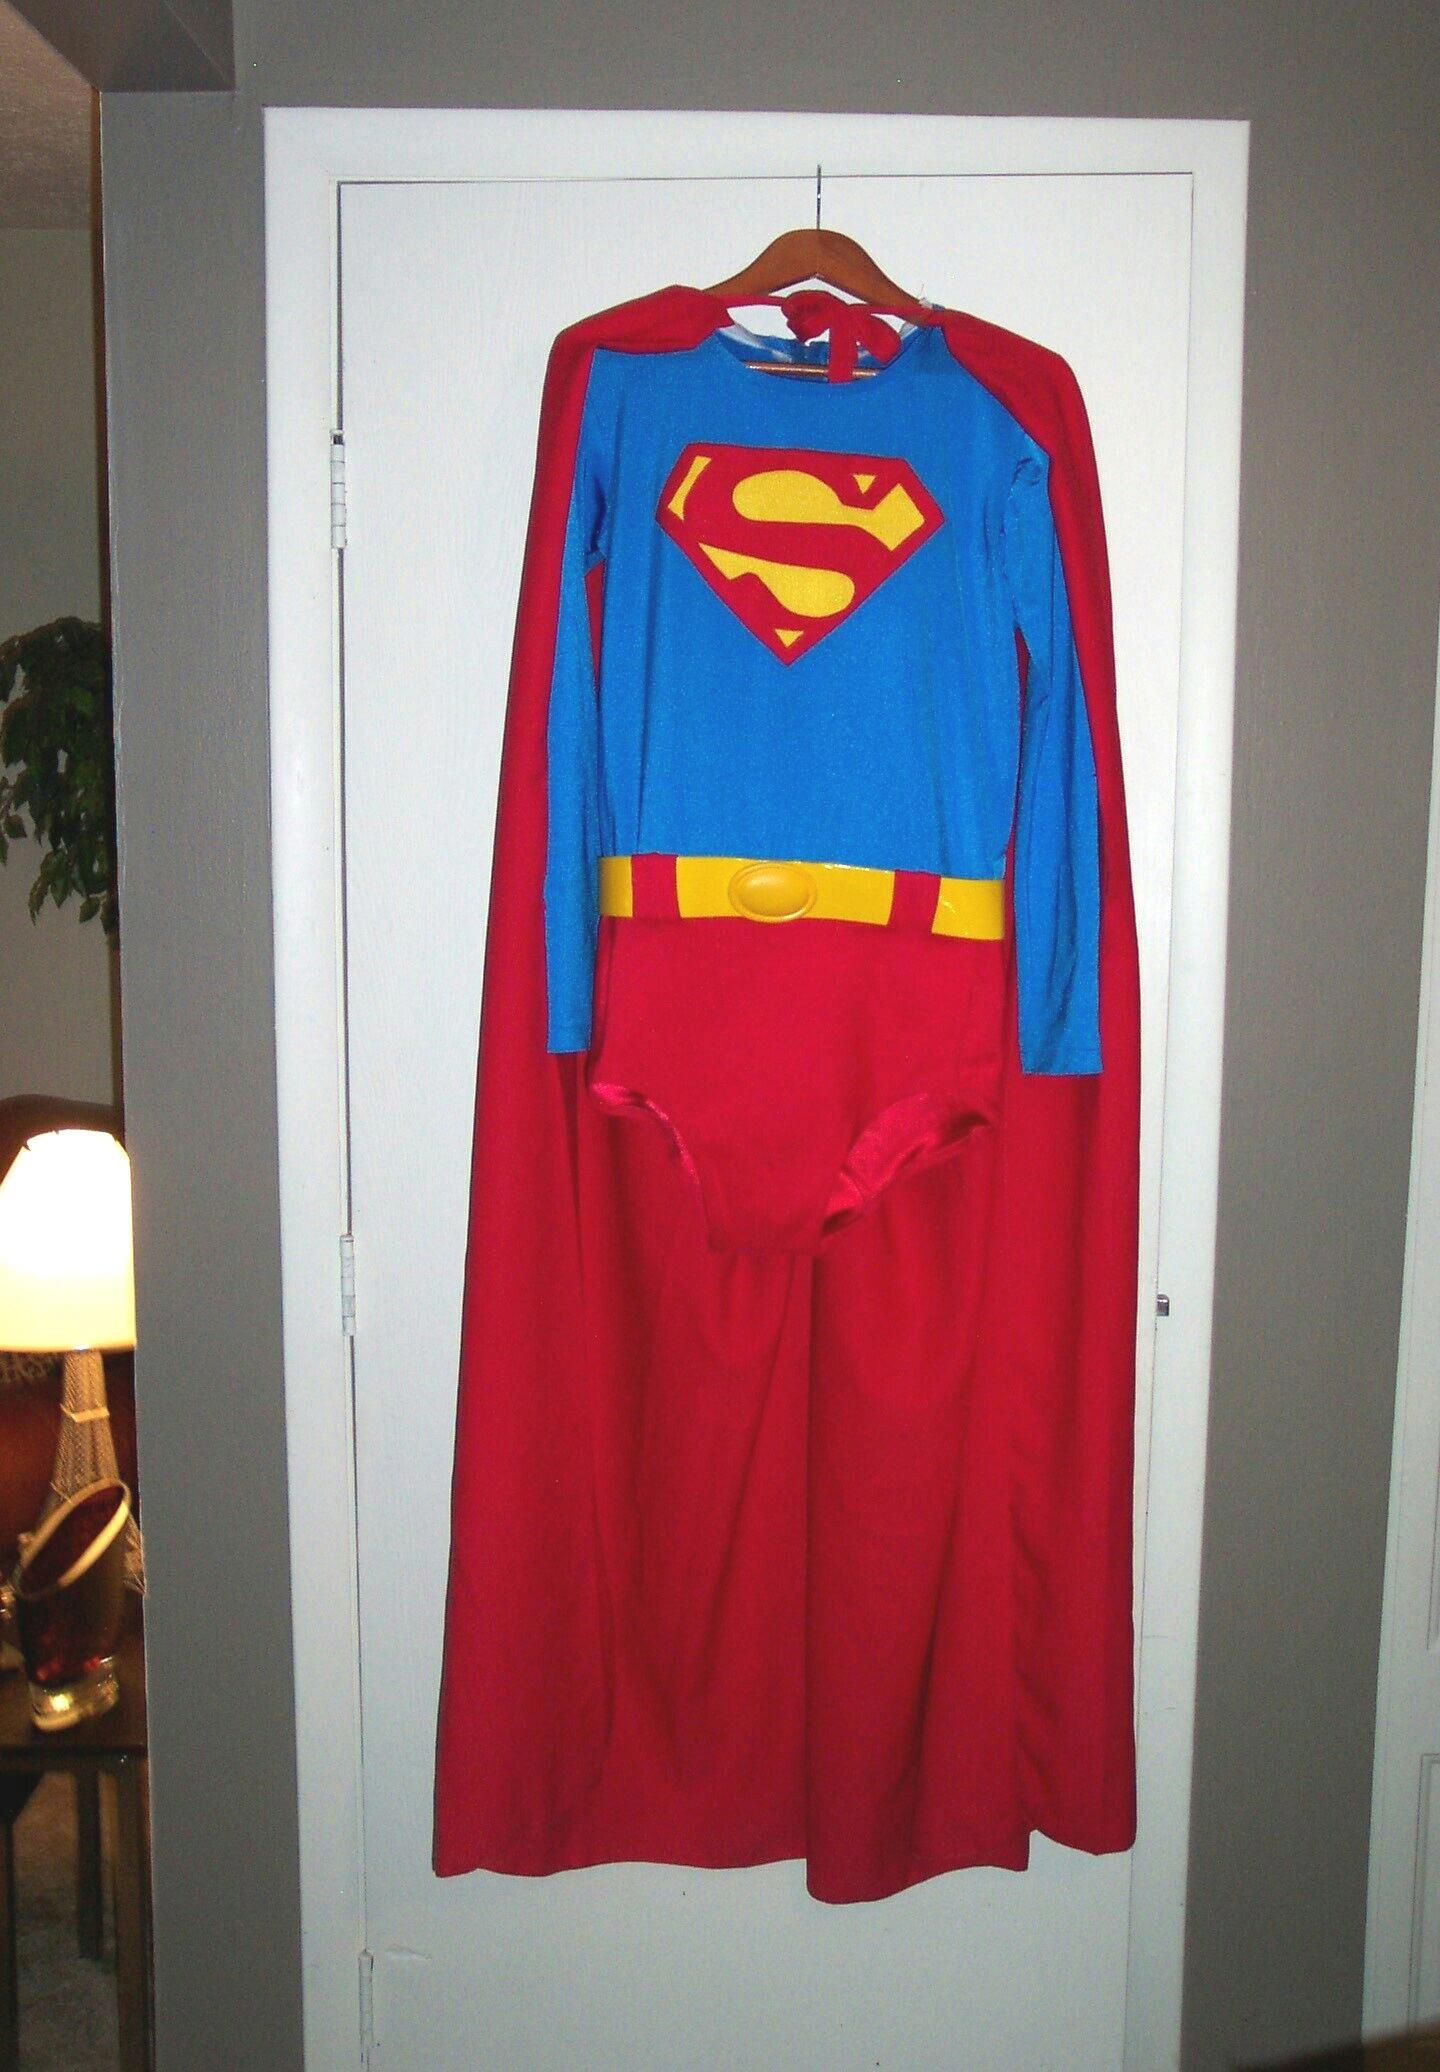 Auction Costume Ebay Suit Superman Wig 105